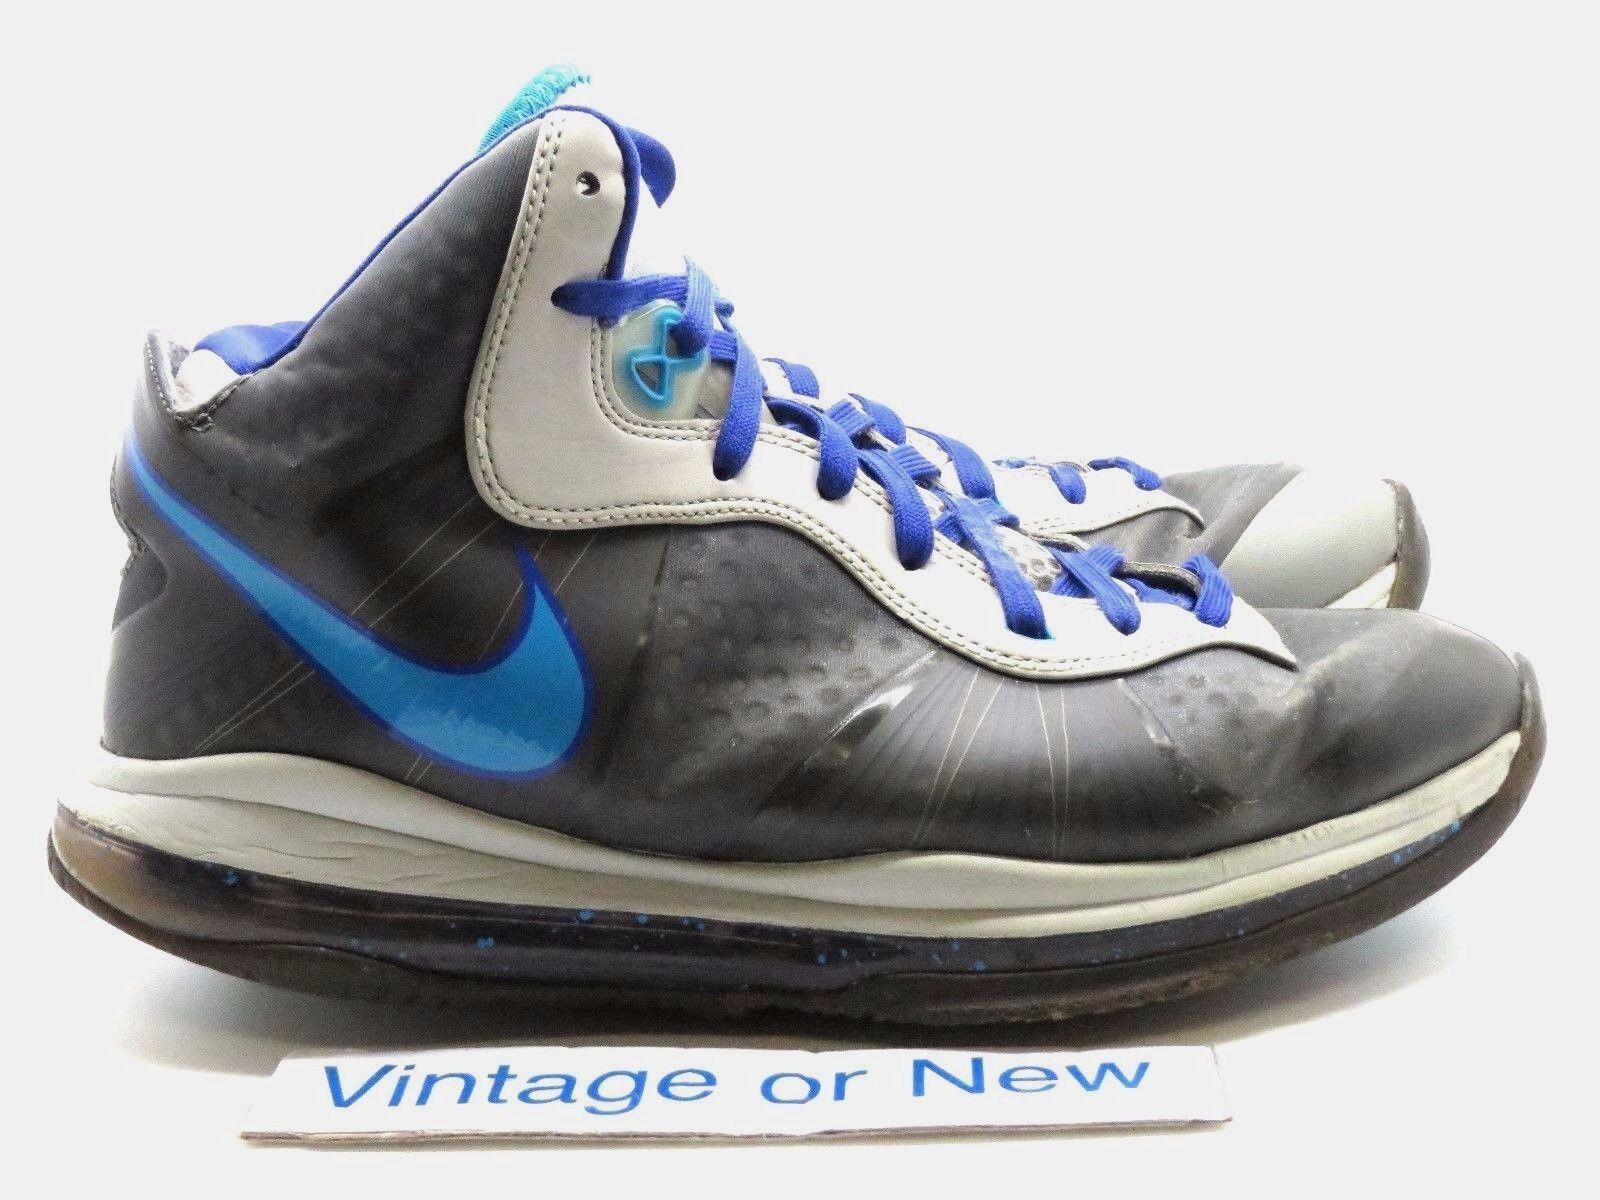 Nike LeBron VIII 8 V / 2 Summit precio Lake Hornet reduccion de precio Summit el mas popular de zapatos para hombres y mujeres a8711b